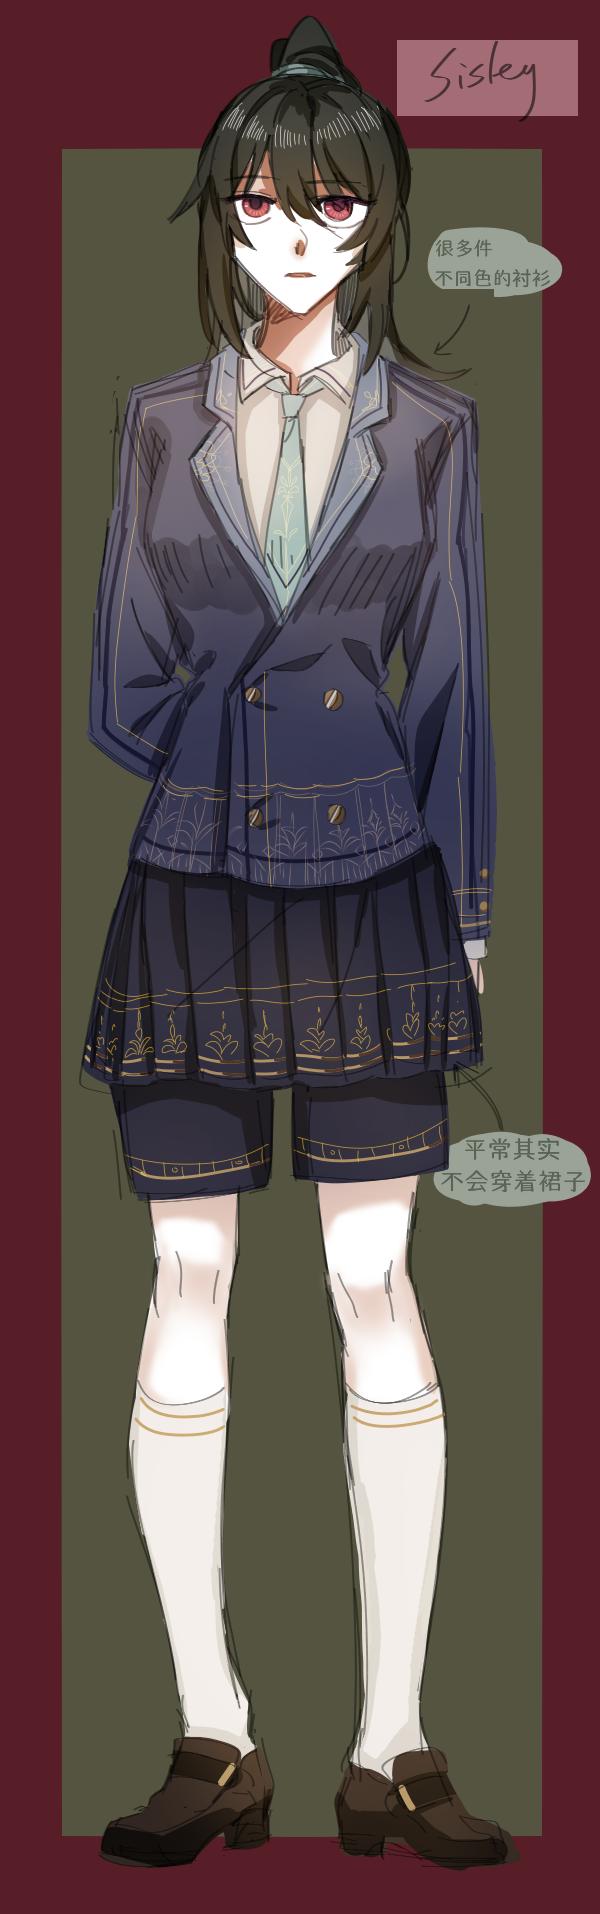 【original】Sisley Illust of 霧島奈緒 medibangpaint girl